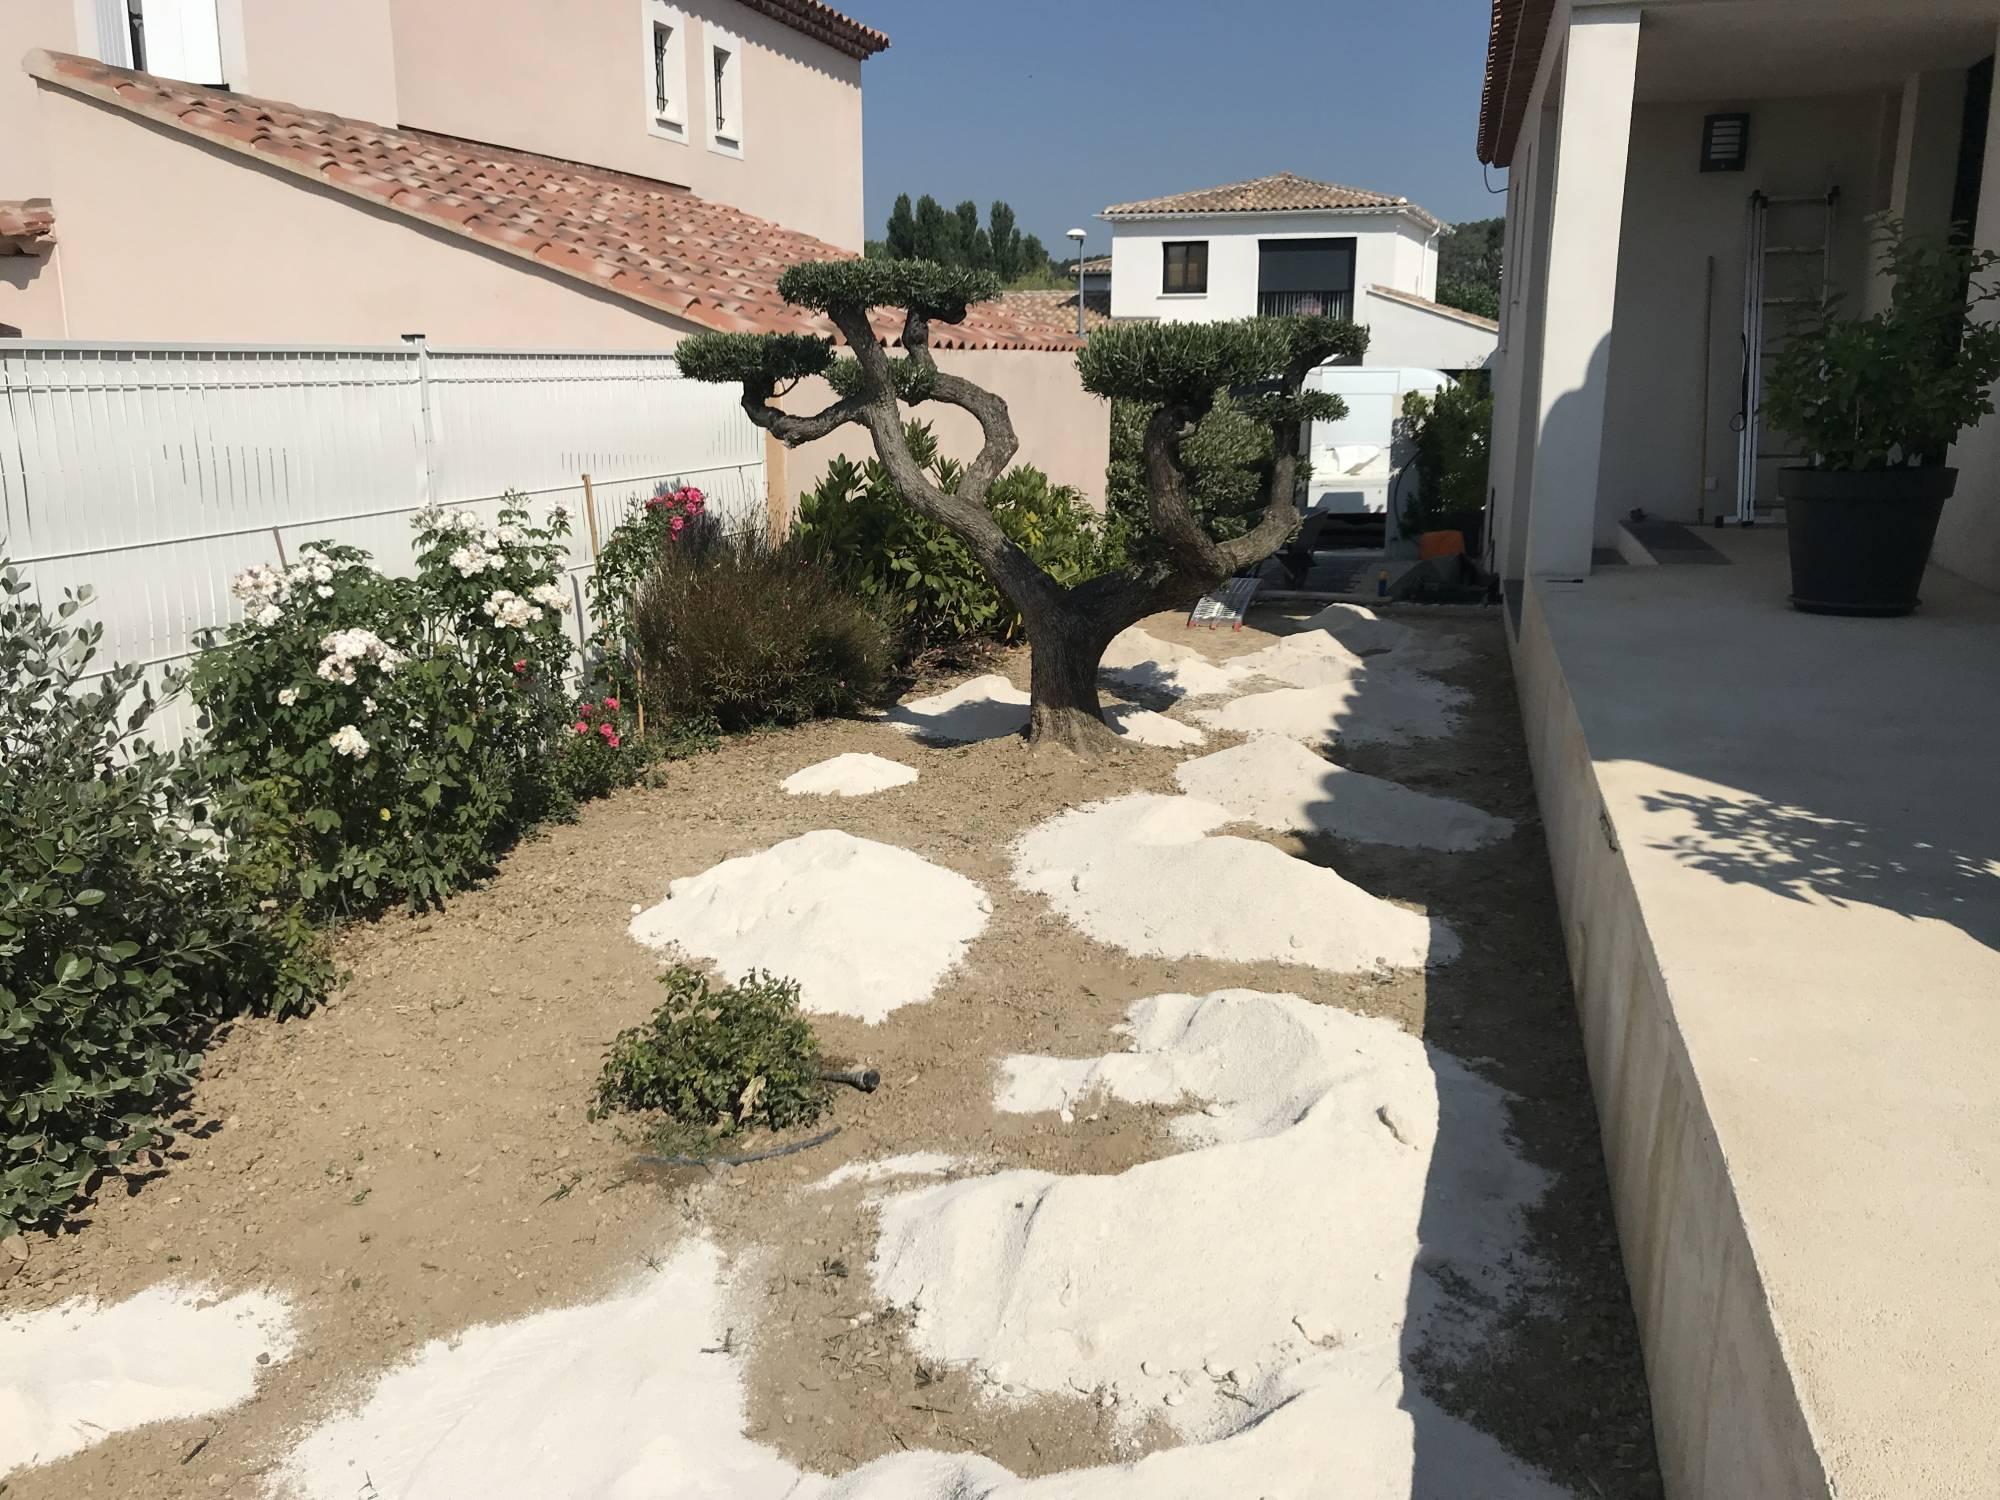 comment pr parer le sol pour mettre du gazon synth tique gazon et pelouse synth tiques. Black Bedroom Furniture Sets. Home Design Ideas